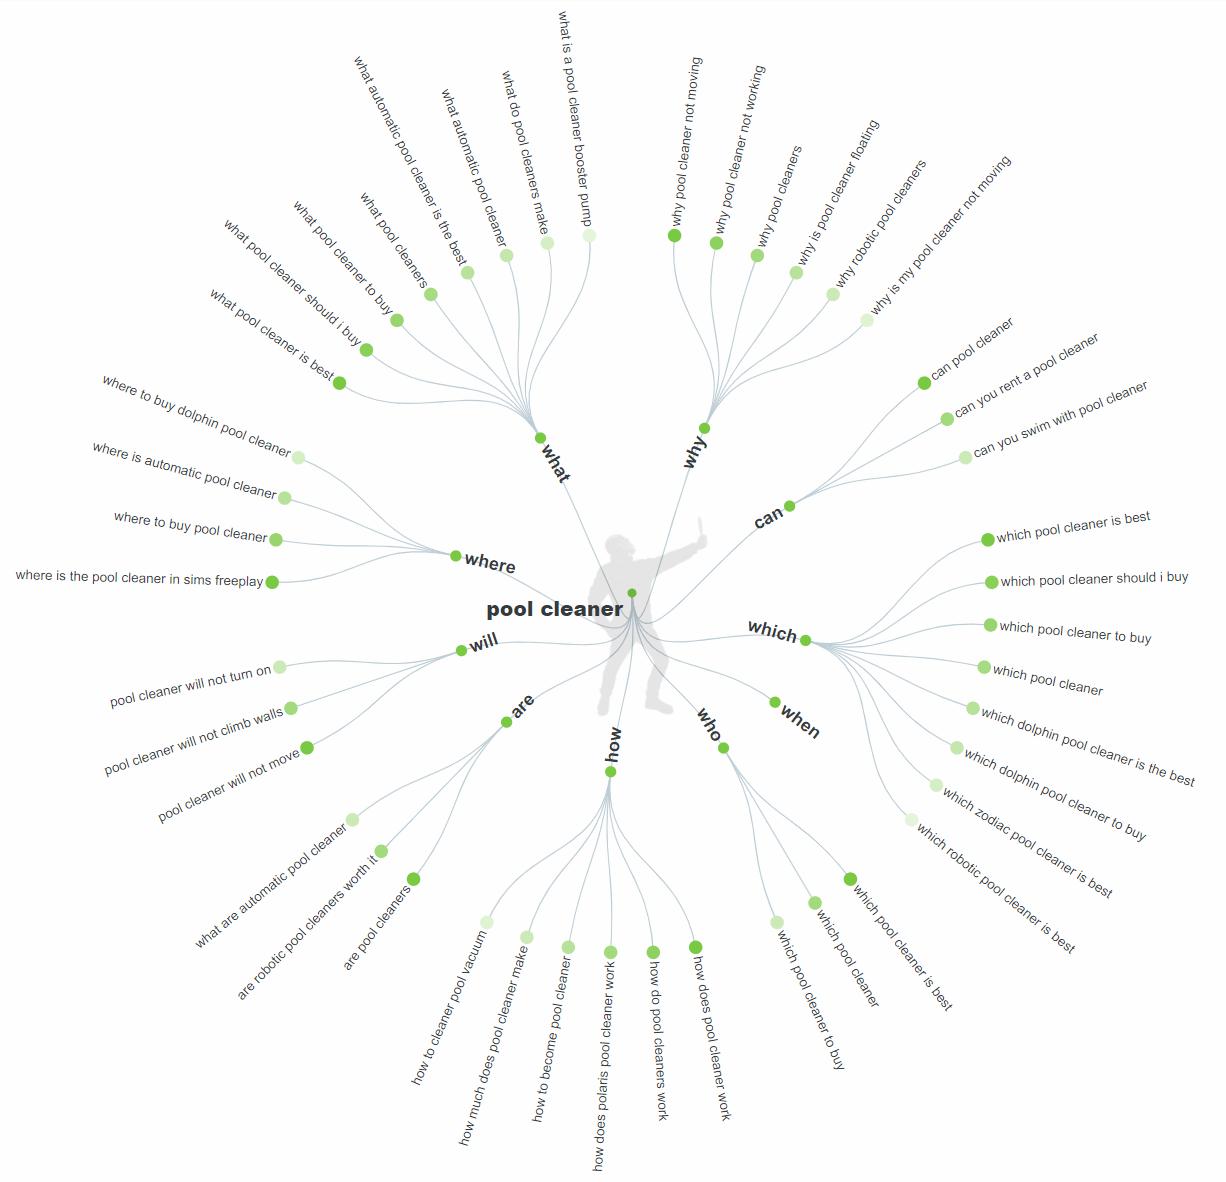 répondre à la visualisation des données publiques